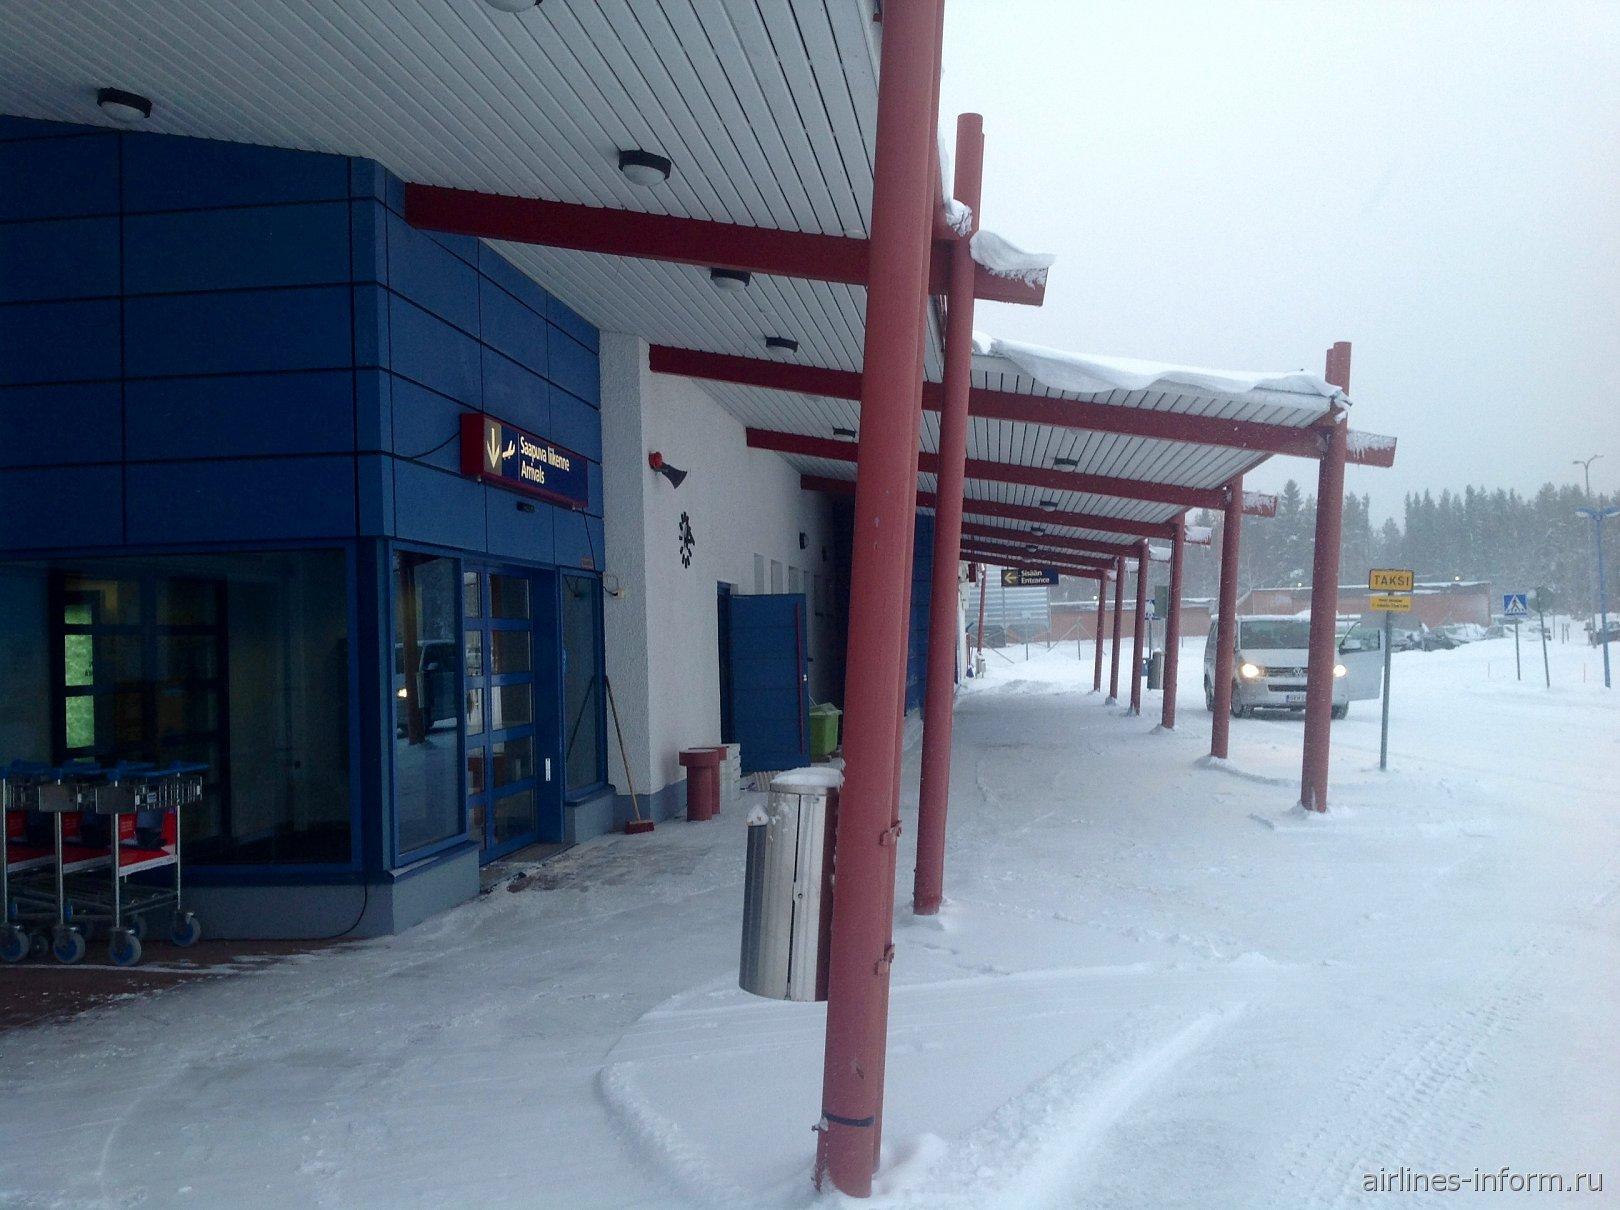 Вход в аэровокзал аэропорта Каяни